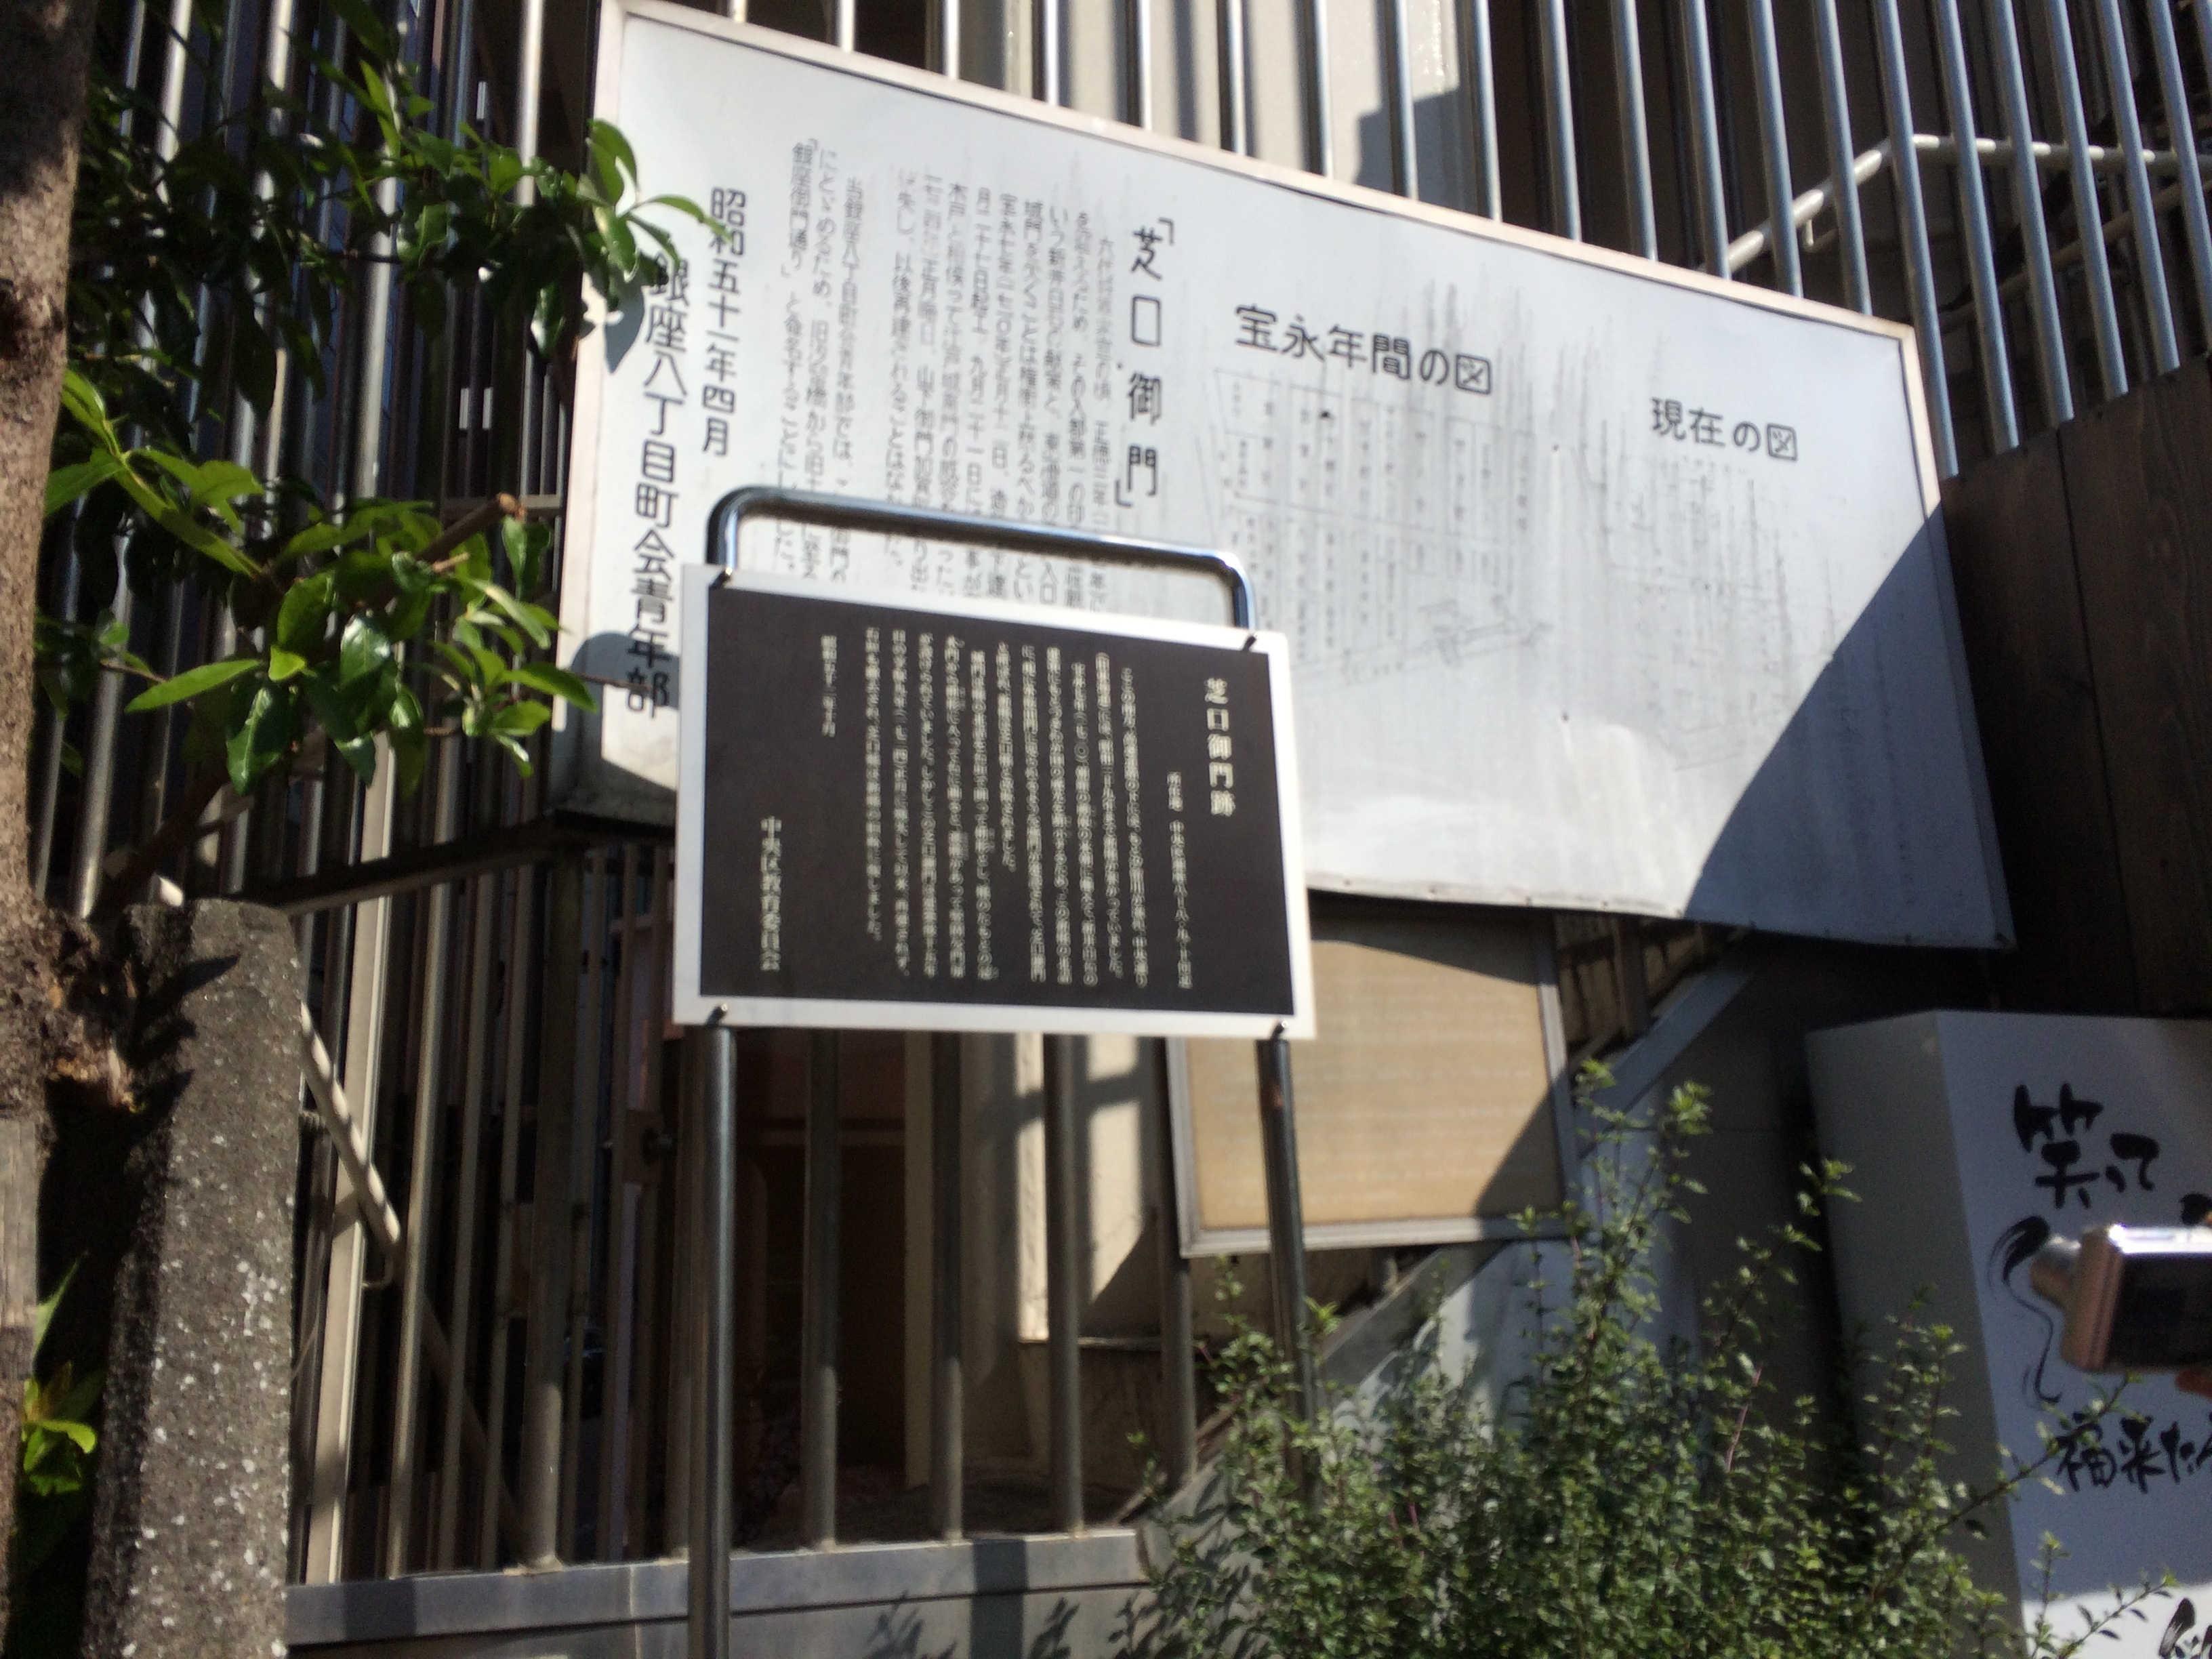 芝口御門跡の碑